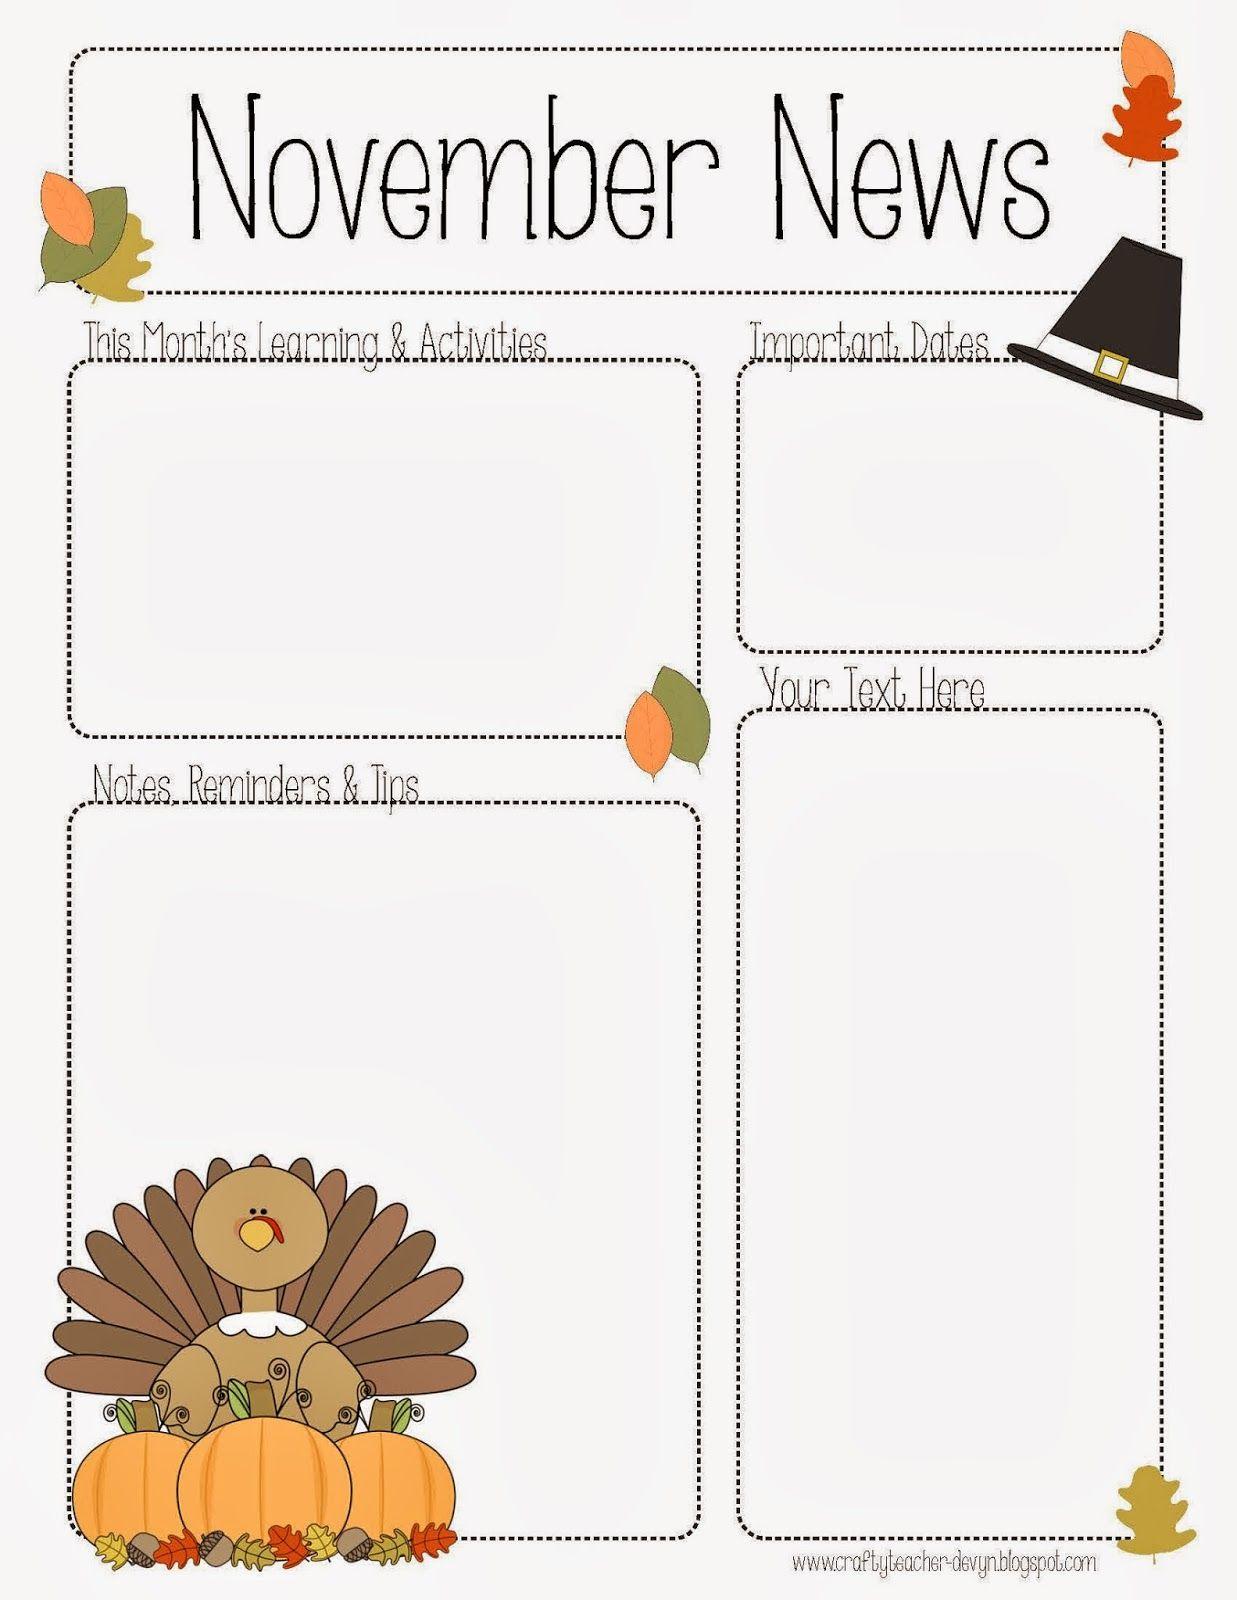 Preschool Winter Newsletter Template Preschool Newsletter Templates